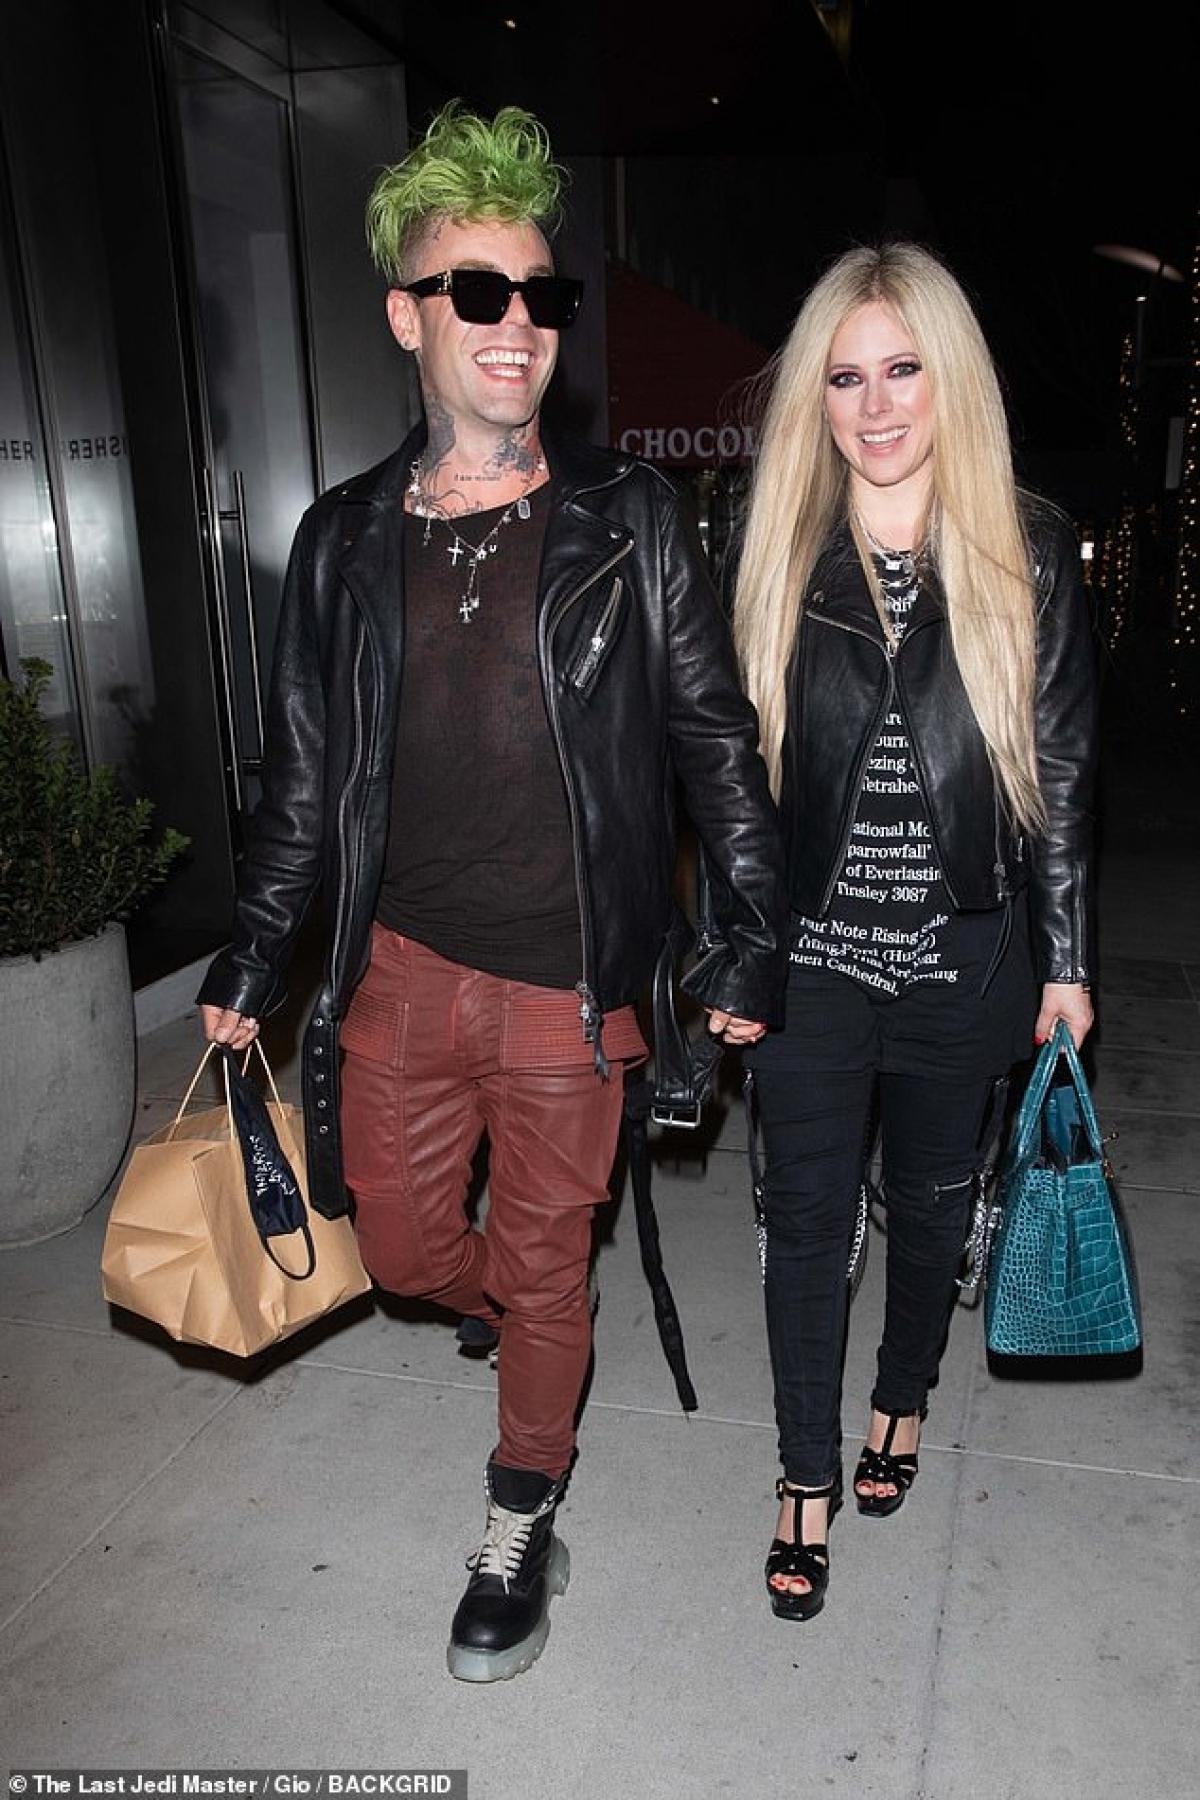 Avril Lavigne và bạn trai Mod Sun tình tứ đi chơi đêm ở Los Angeles hôm 16/4.